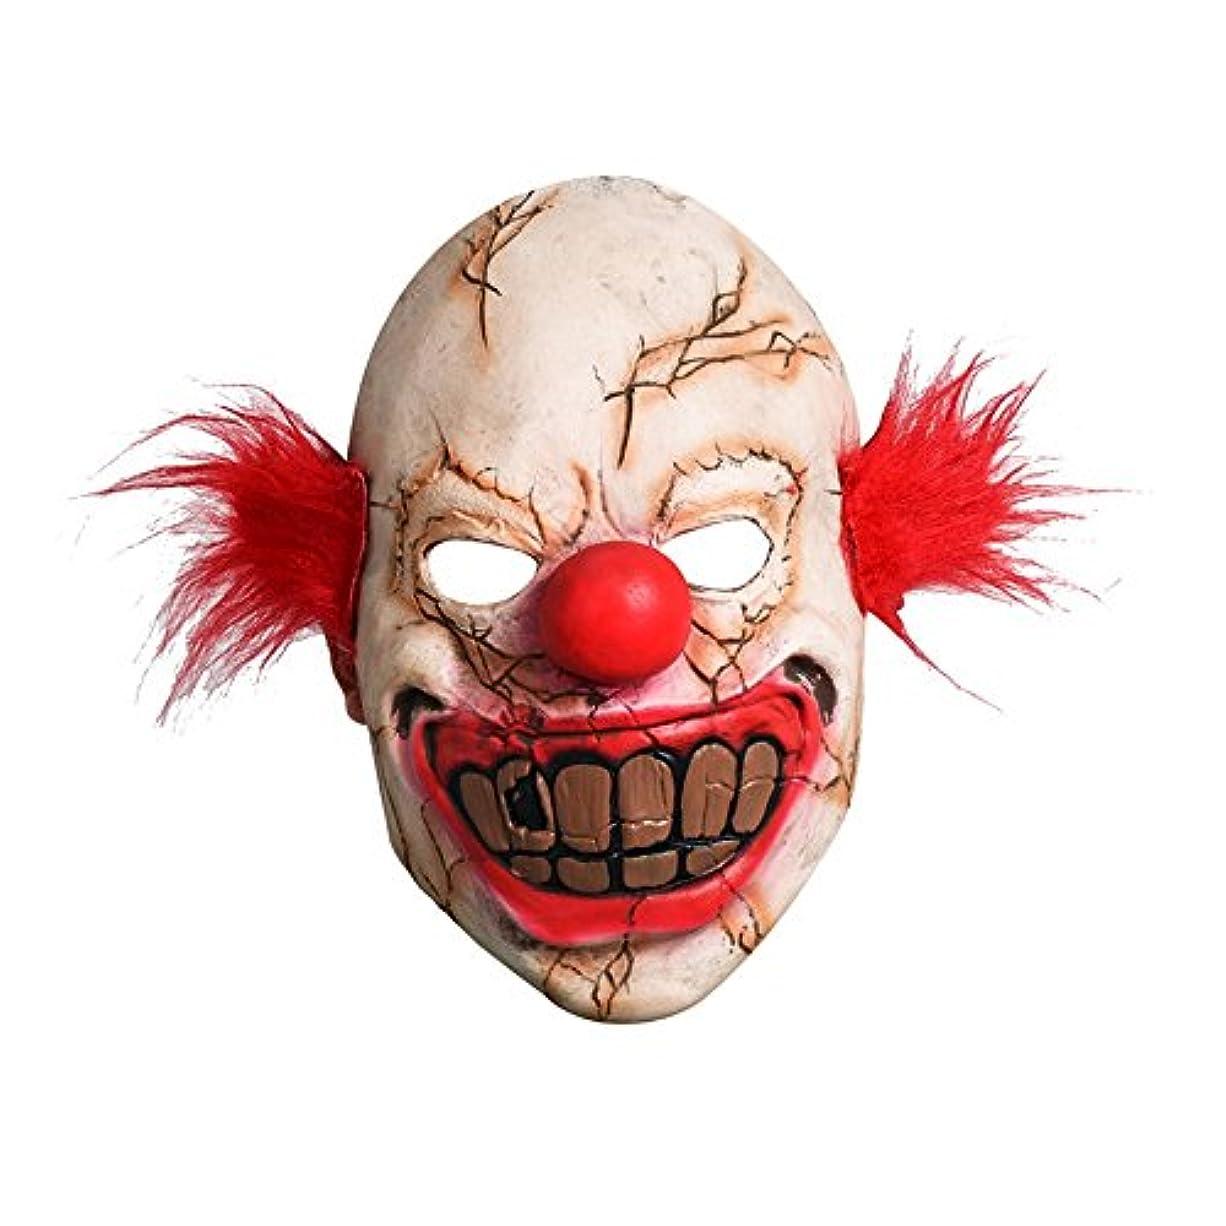 スローガンジョイント迷惑ハロウィーン用品バー怖い恐ろしい腐った道化師カーニバル全体の人々面白い悪魔腐った顔ピエロマスク